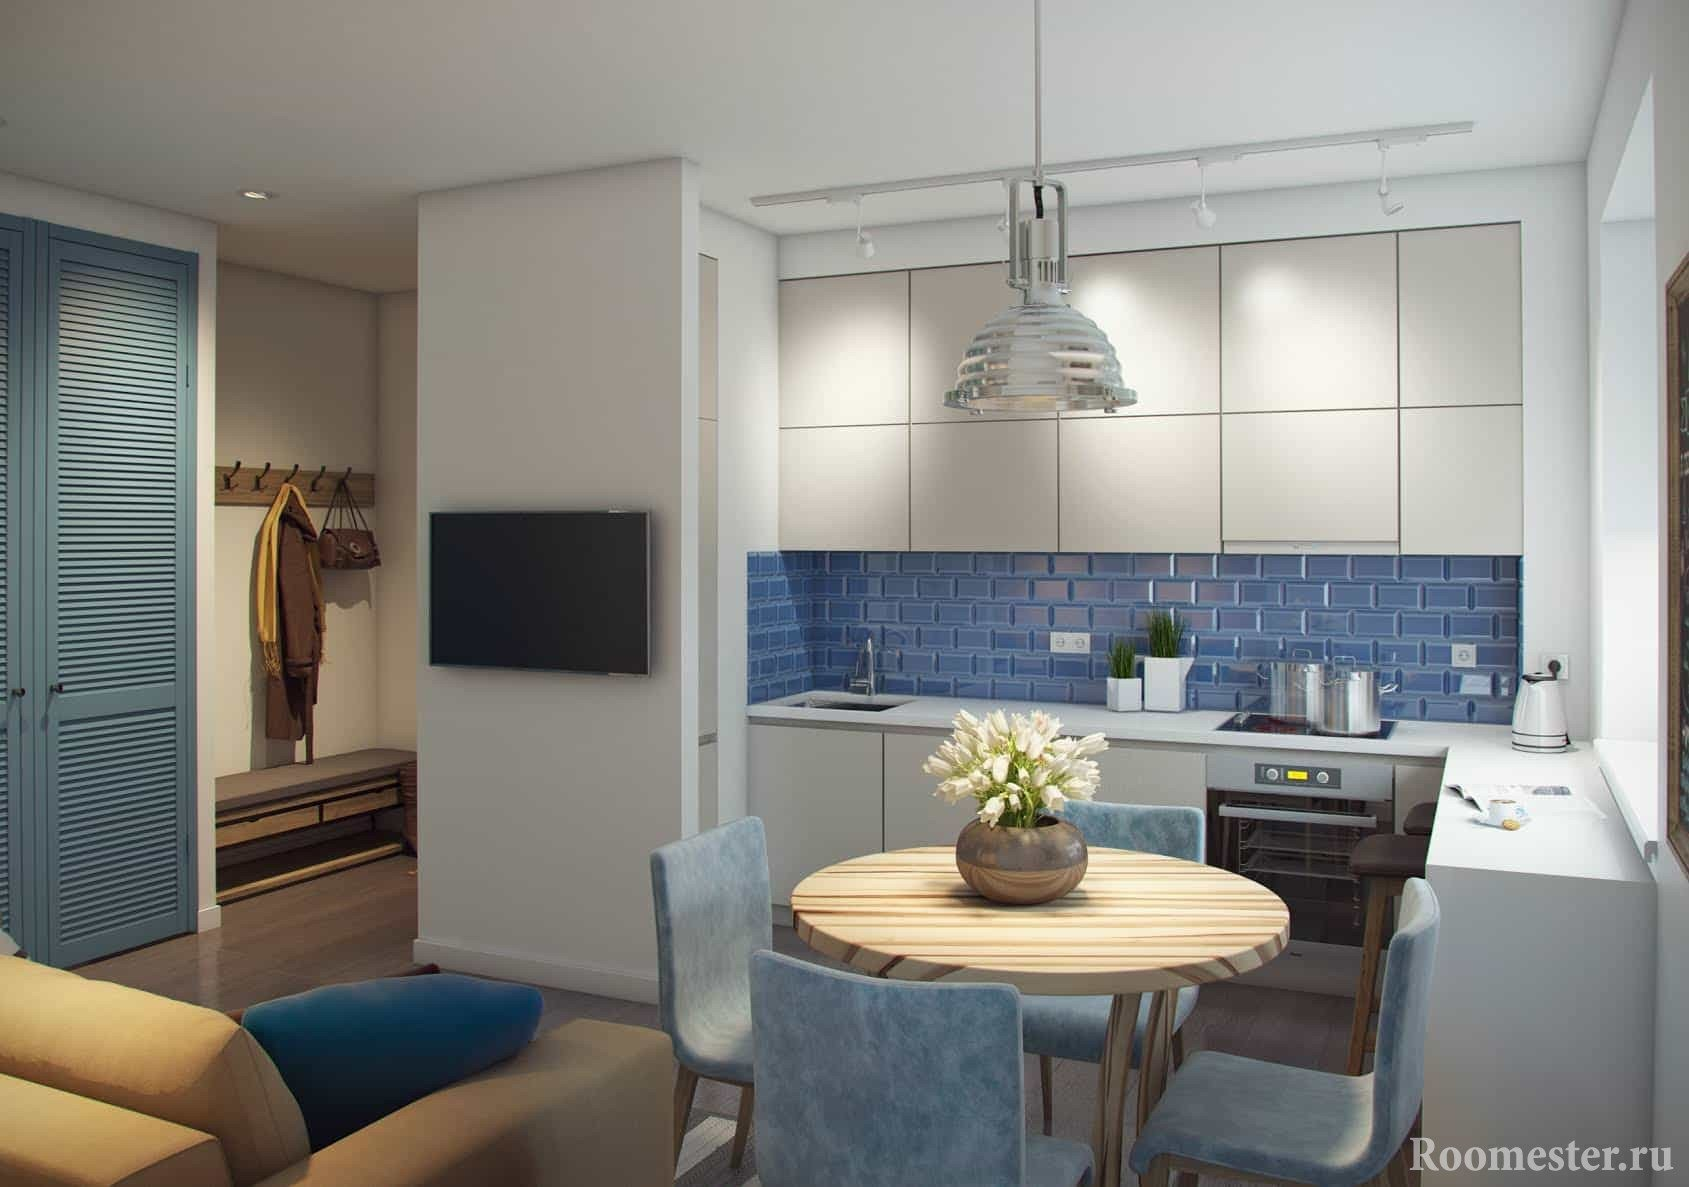 Кухня соединенная с коридором